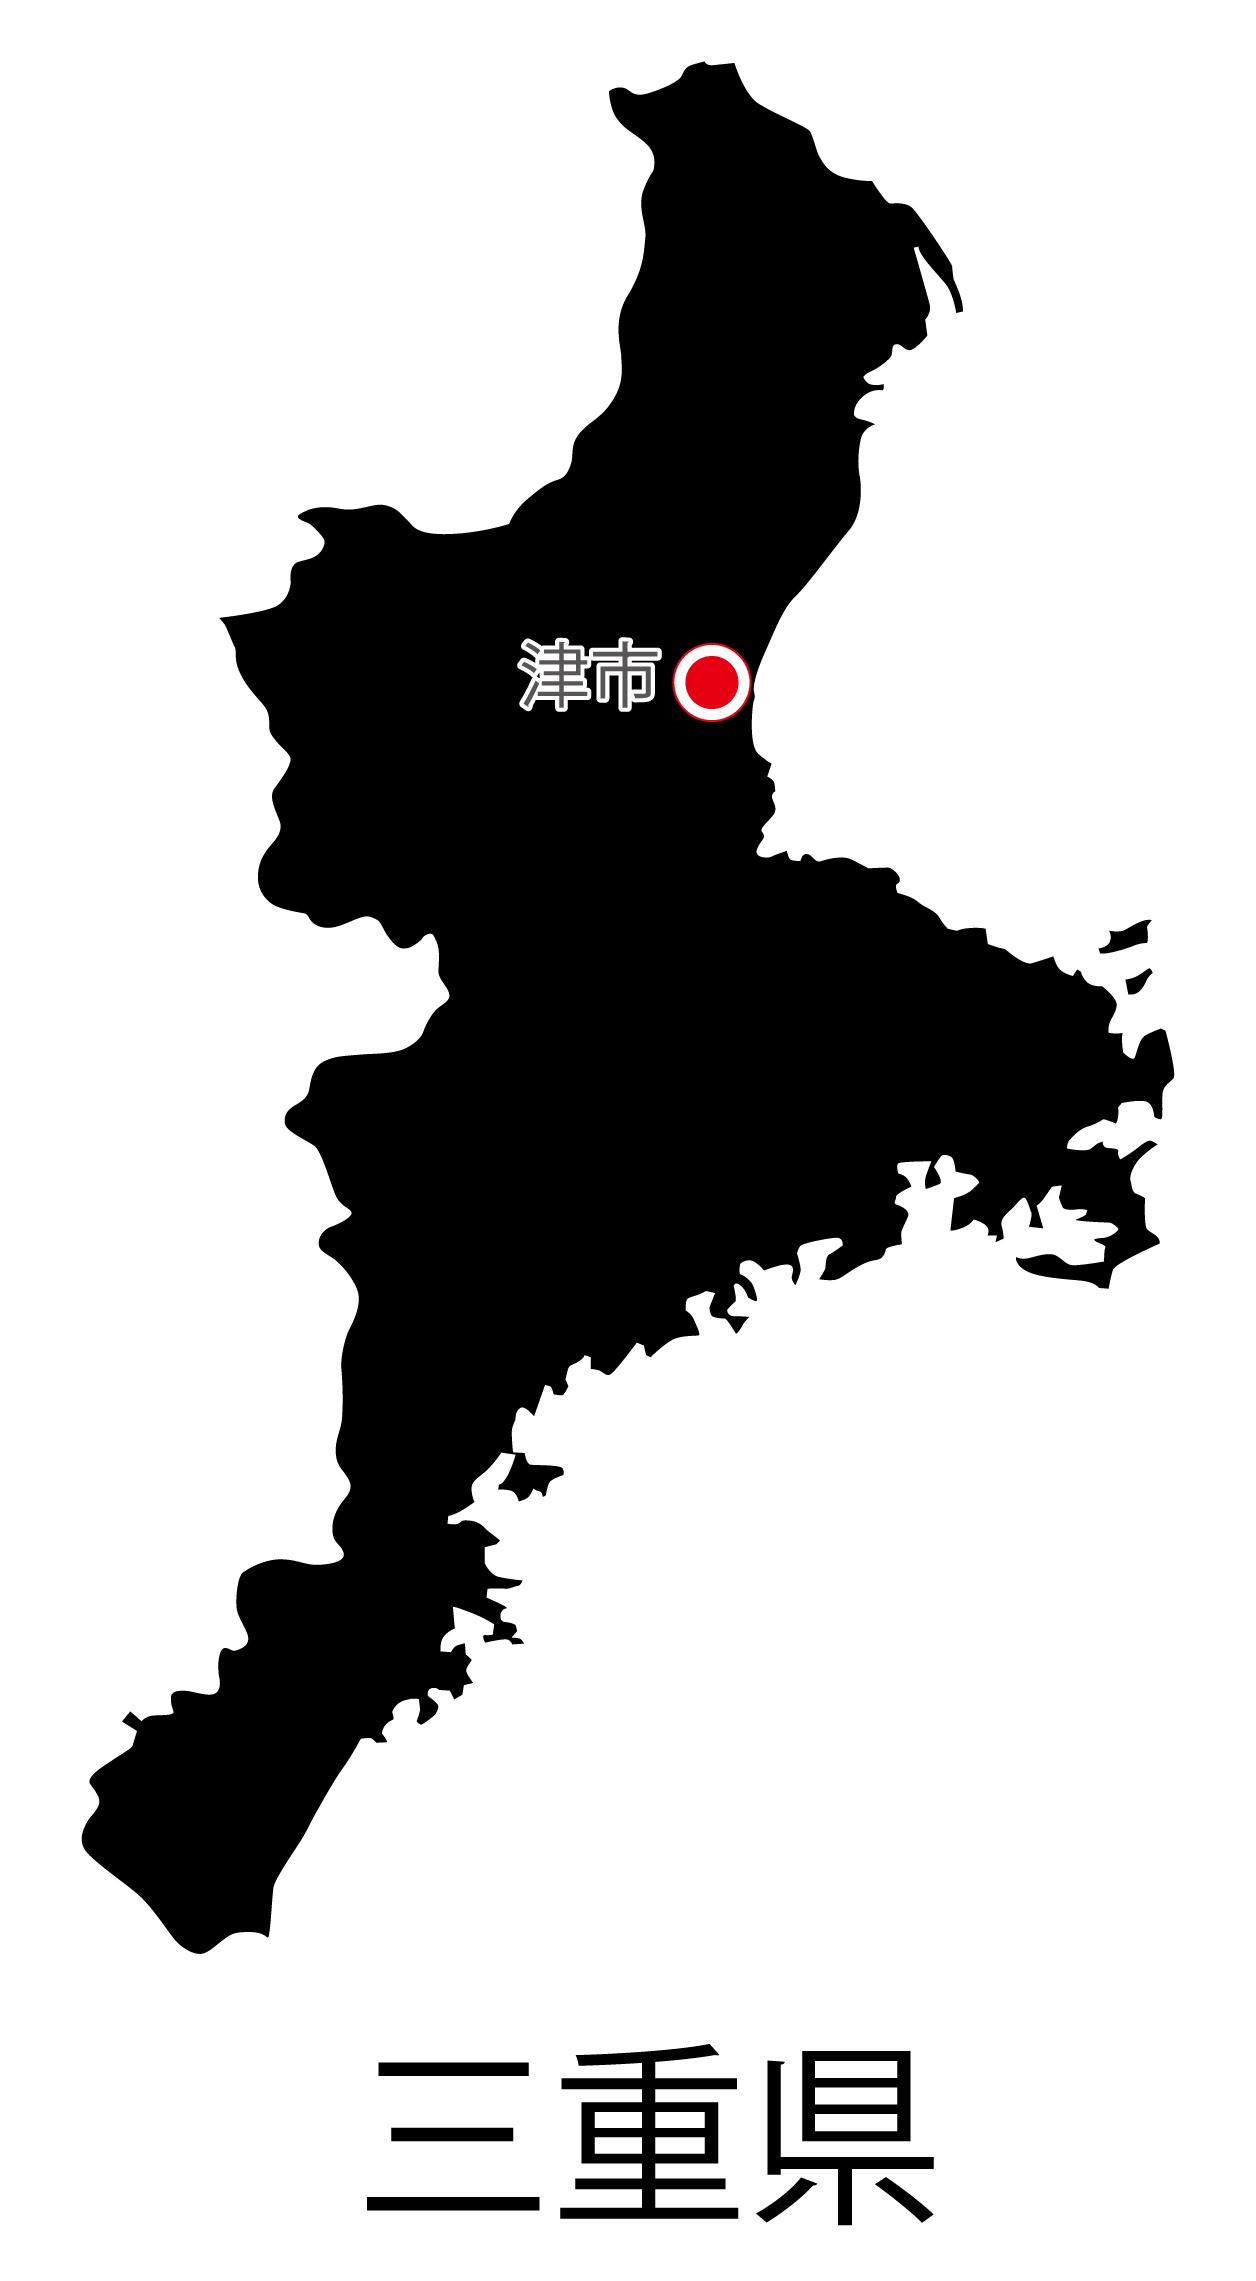 三重県無料フリーイラスト|日本語・都道府県名あり・県庁所在地あり(黒)